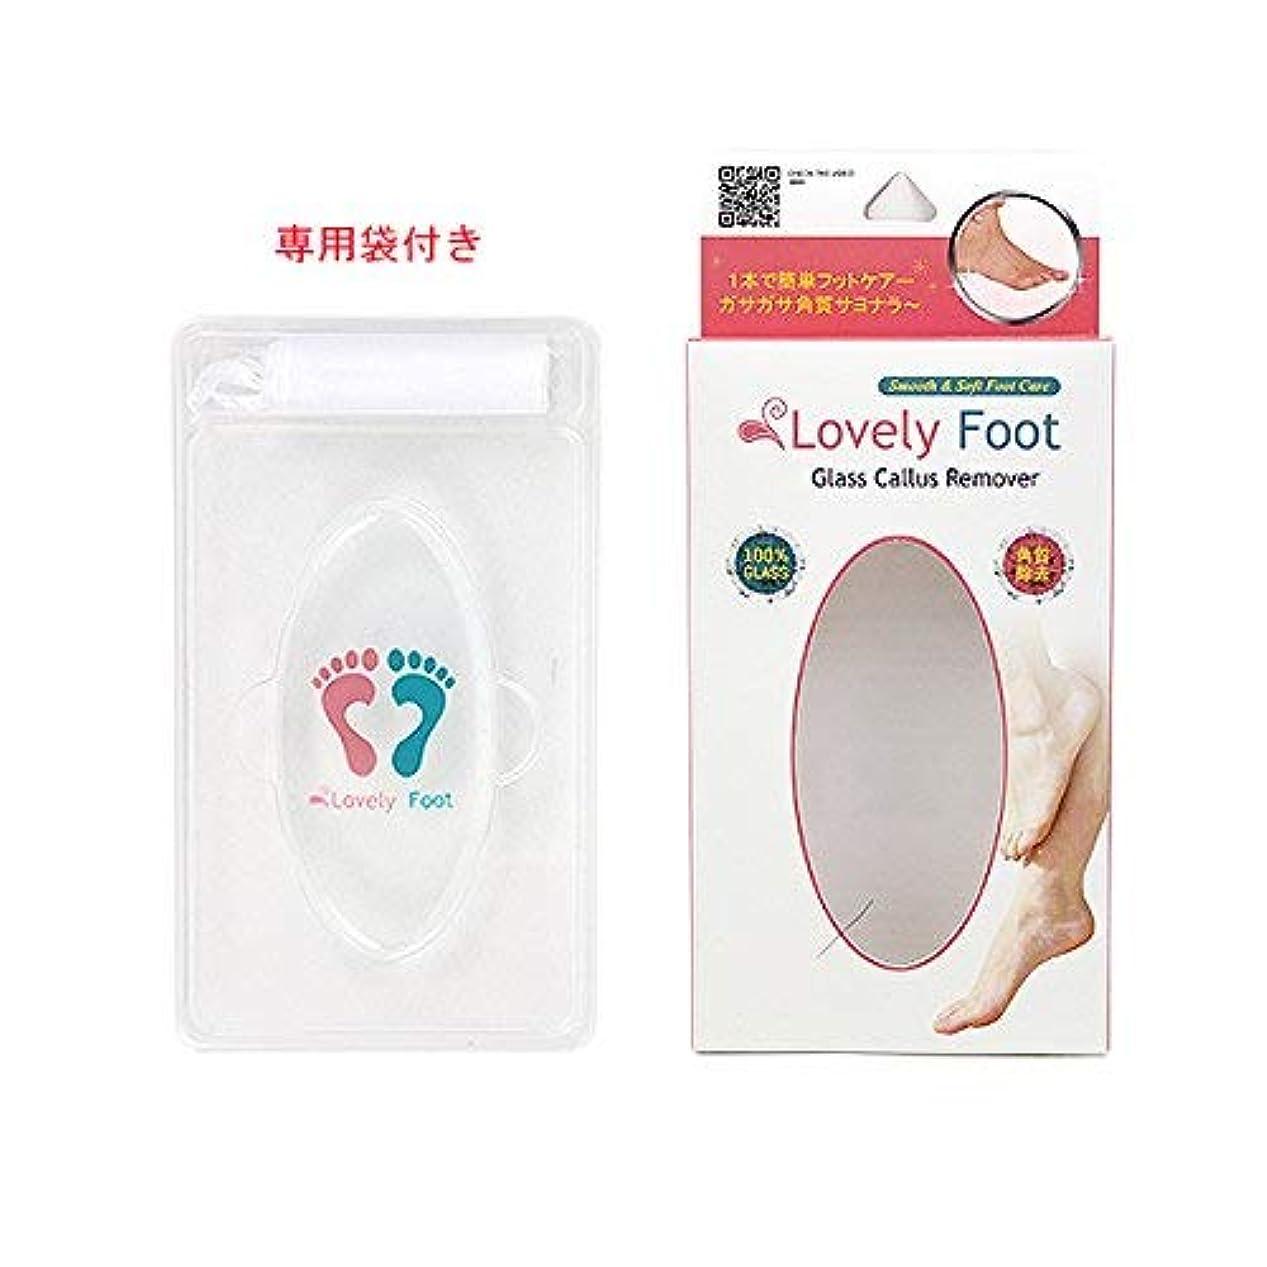 ダニ描く同性愛者Lovely Foot Glass Callus Remover (ガラス角質取り)